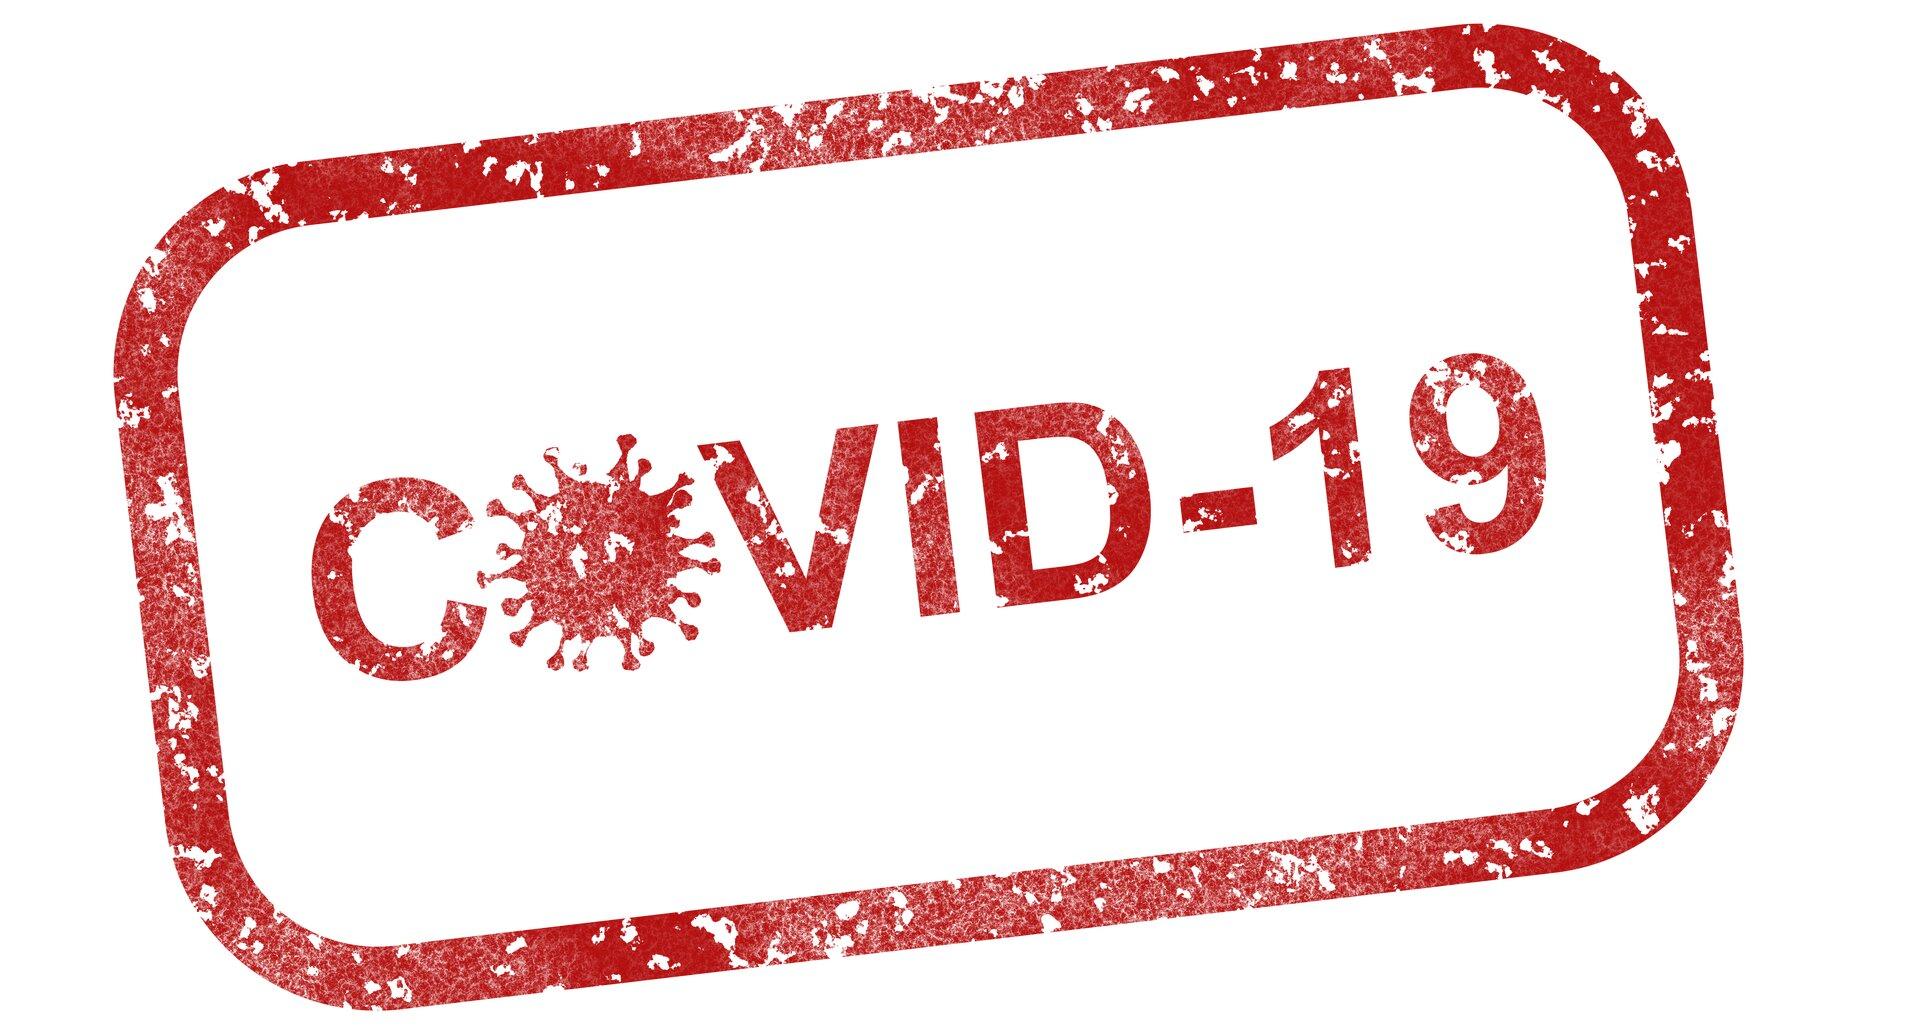 По мере того как пандемия COVID-19 затягивается, исследователи обнаружили связь между определенными факторами образа жизни и риском заражения человека. Хотя уже было установлено, что люди с диабетом типа II и высоким индексом массы тела (ИМТ) подвергаются большему риску госпитализации и других серьезных осложнений, связанных с COVID-19, они также подвергаются большему риску заражения симптоматической инфекцией в первое место. Таковы результаты недавнего исследования, проведенного учеными из Медицинской школы Университета Мэриленда, которое было опубликовано сегодня в журнале PLoS ONE. Используя данные британского биобанка о 500000 британских добровольцах старше 40 лет, исследователи изучили факторы здоровья у тех, кто дал положительный результат на COVID-19, и сравнили их с теми, кто дал отрицательный результат. Они обнаружили, что те, у кого были положительные результаты теста на COVID-19, с большей вероятностью страдали ожирением или диабетом II типа. Те, у кого был отрицательный результат, с большей вероятностью имели высокий уровень «хорошего» холестерина ЛПВП и имели здоровый вес с нормальным индексом массы тела (ИМТ). «Некоторые исходные кардиометаболические факторы, по-видимому, либо защищают человека от инфекции COVID-19, в то время как другие делают человека более уязвимым для инфекции», - сказал автор исследования Чарльз Хонг, доктор медицинских наук, профессор медицины и директор кардиологических исследований в больнице. Медицинского университета. «Но это исследование не предназначалось для определения того, какие факторы на самом деле вызывают инфекции COVID-19. Это статистические ассоциации, указывающие на важность здоровой функционирующей иммунной системы для защиты от инфекции COVID-19». Он и его коллеги контролировали возможные мешающие факторы, такие как социально-экономический статус, возраст, пол и этническая принадлежность. «Наши результаты указывают на некоторые здоровые меры, которые люди могут предпринять, чтобы потенциально снизить риск зараж